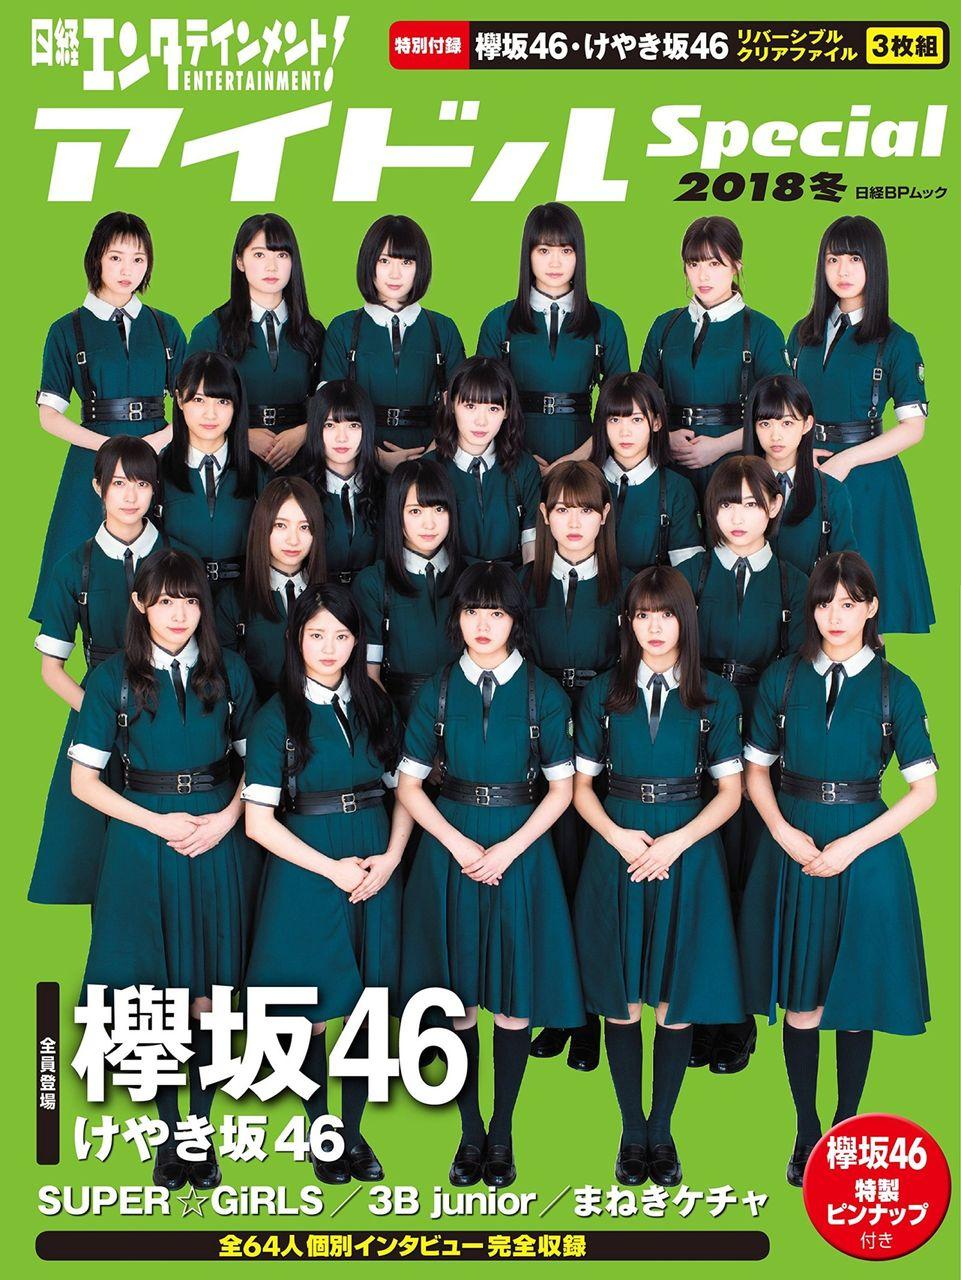 「日経エンタテインメント! アイドルSpecial 2018冬」表紙:欅坂46【11/29発売】